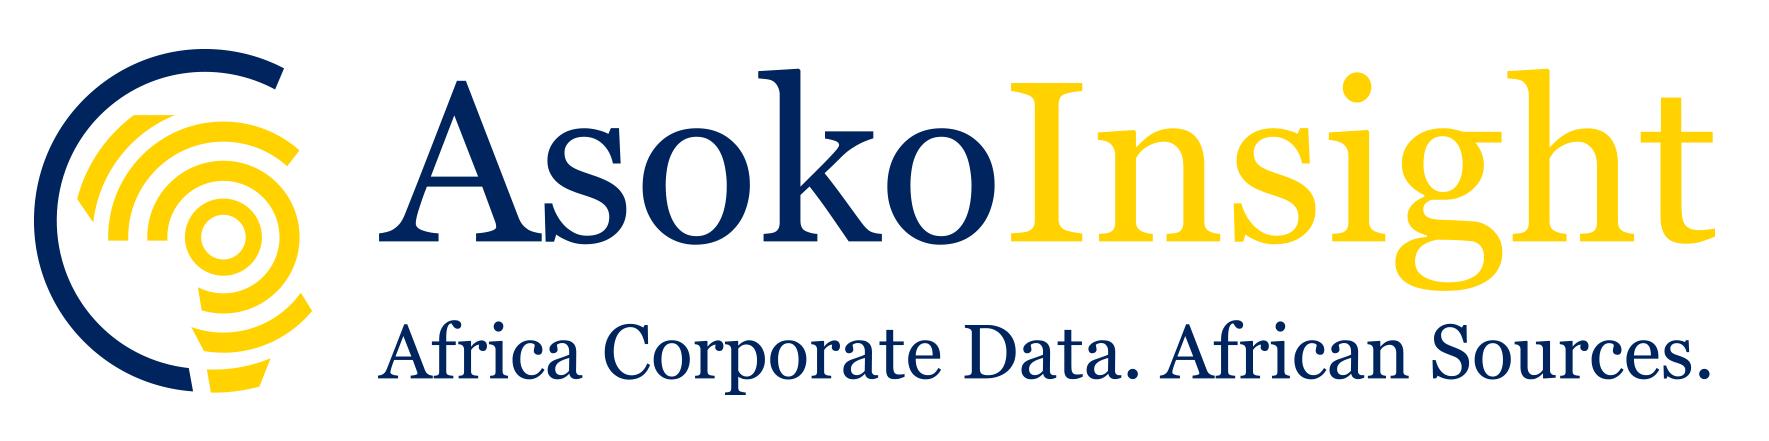 Asoko Insight.png